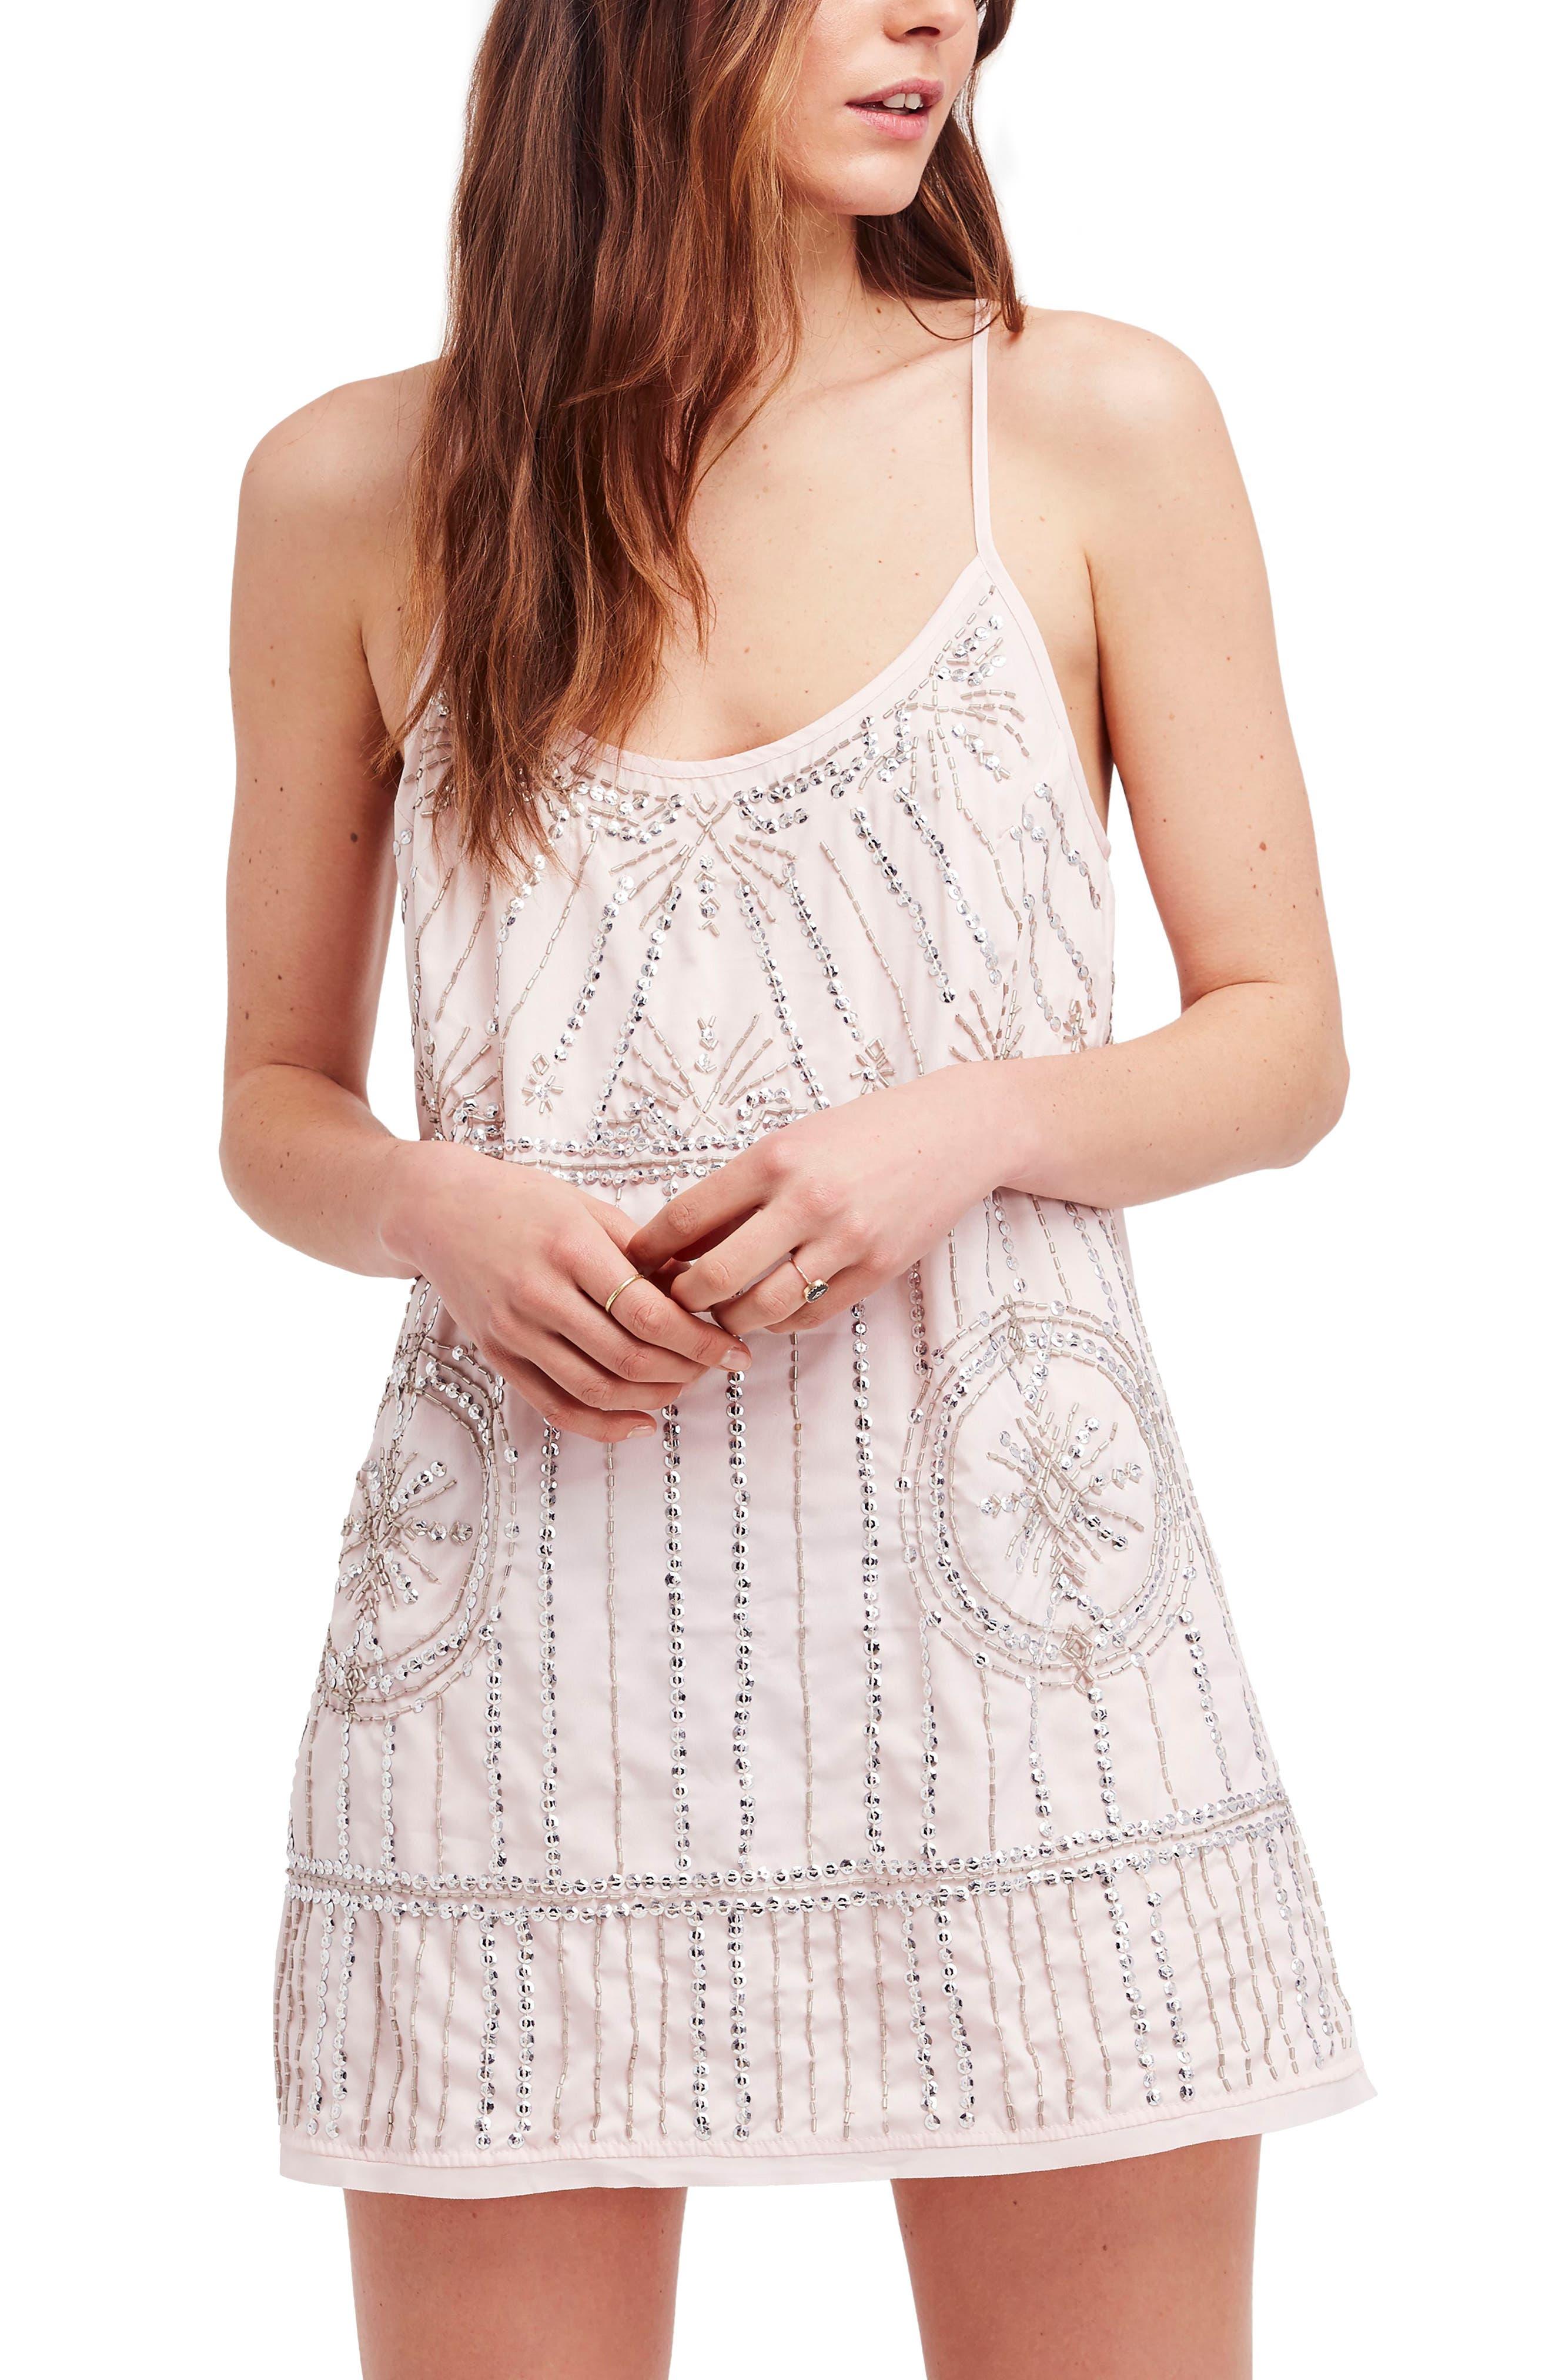 Alternate Image 1 Selected - Free People Sedona Embellished Slipdress